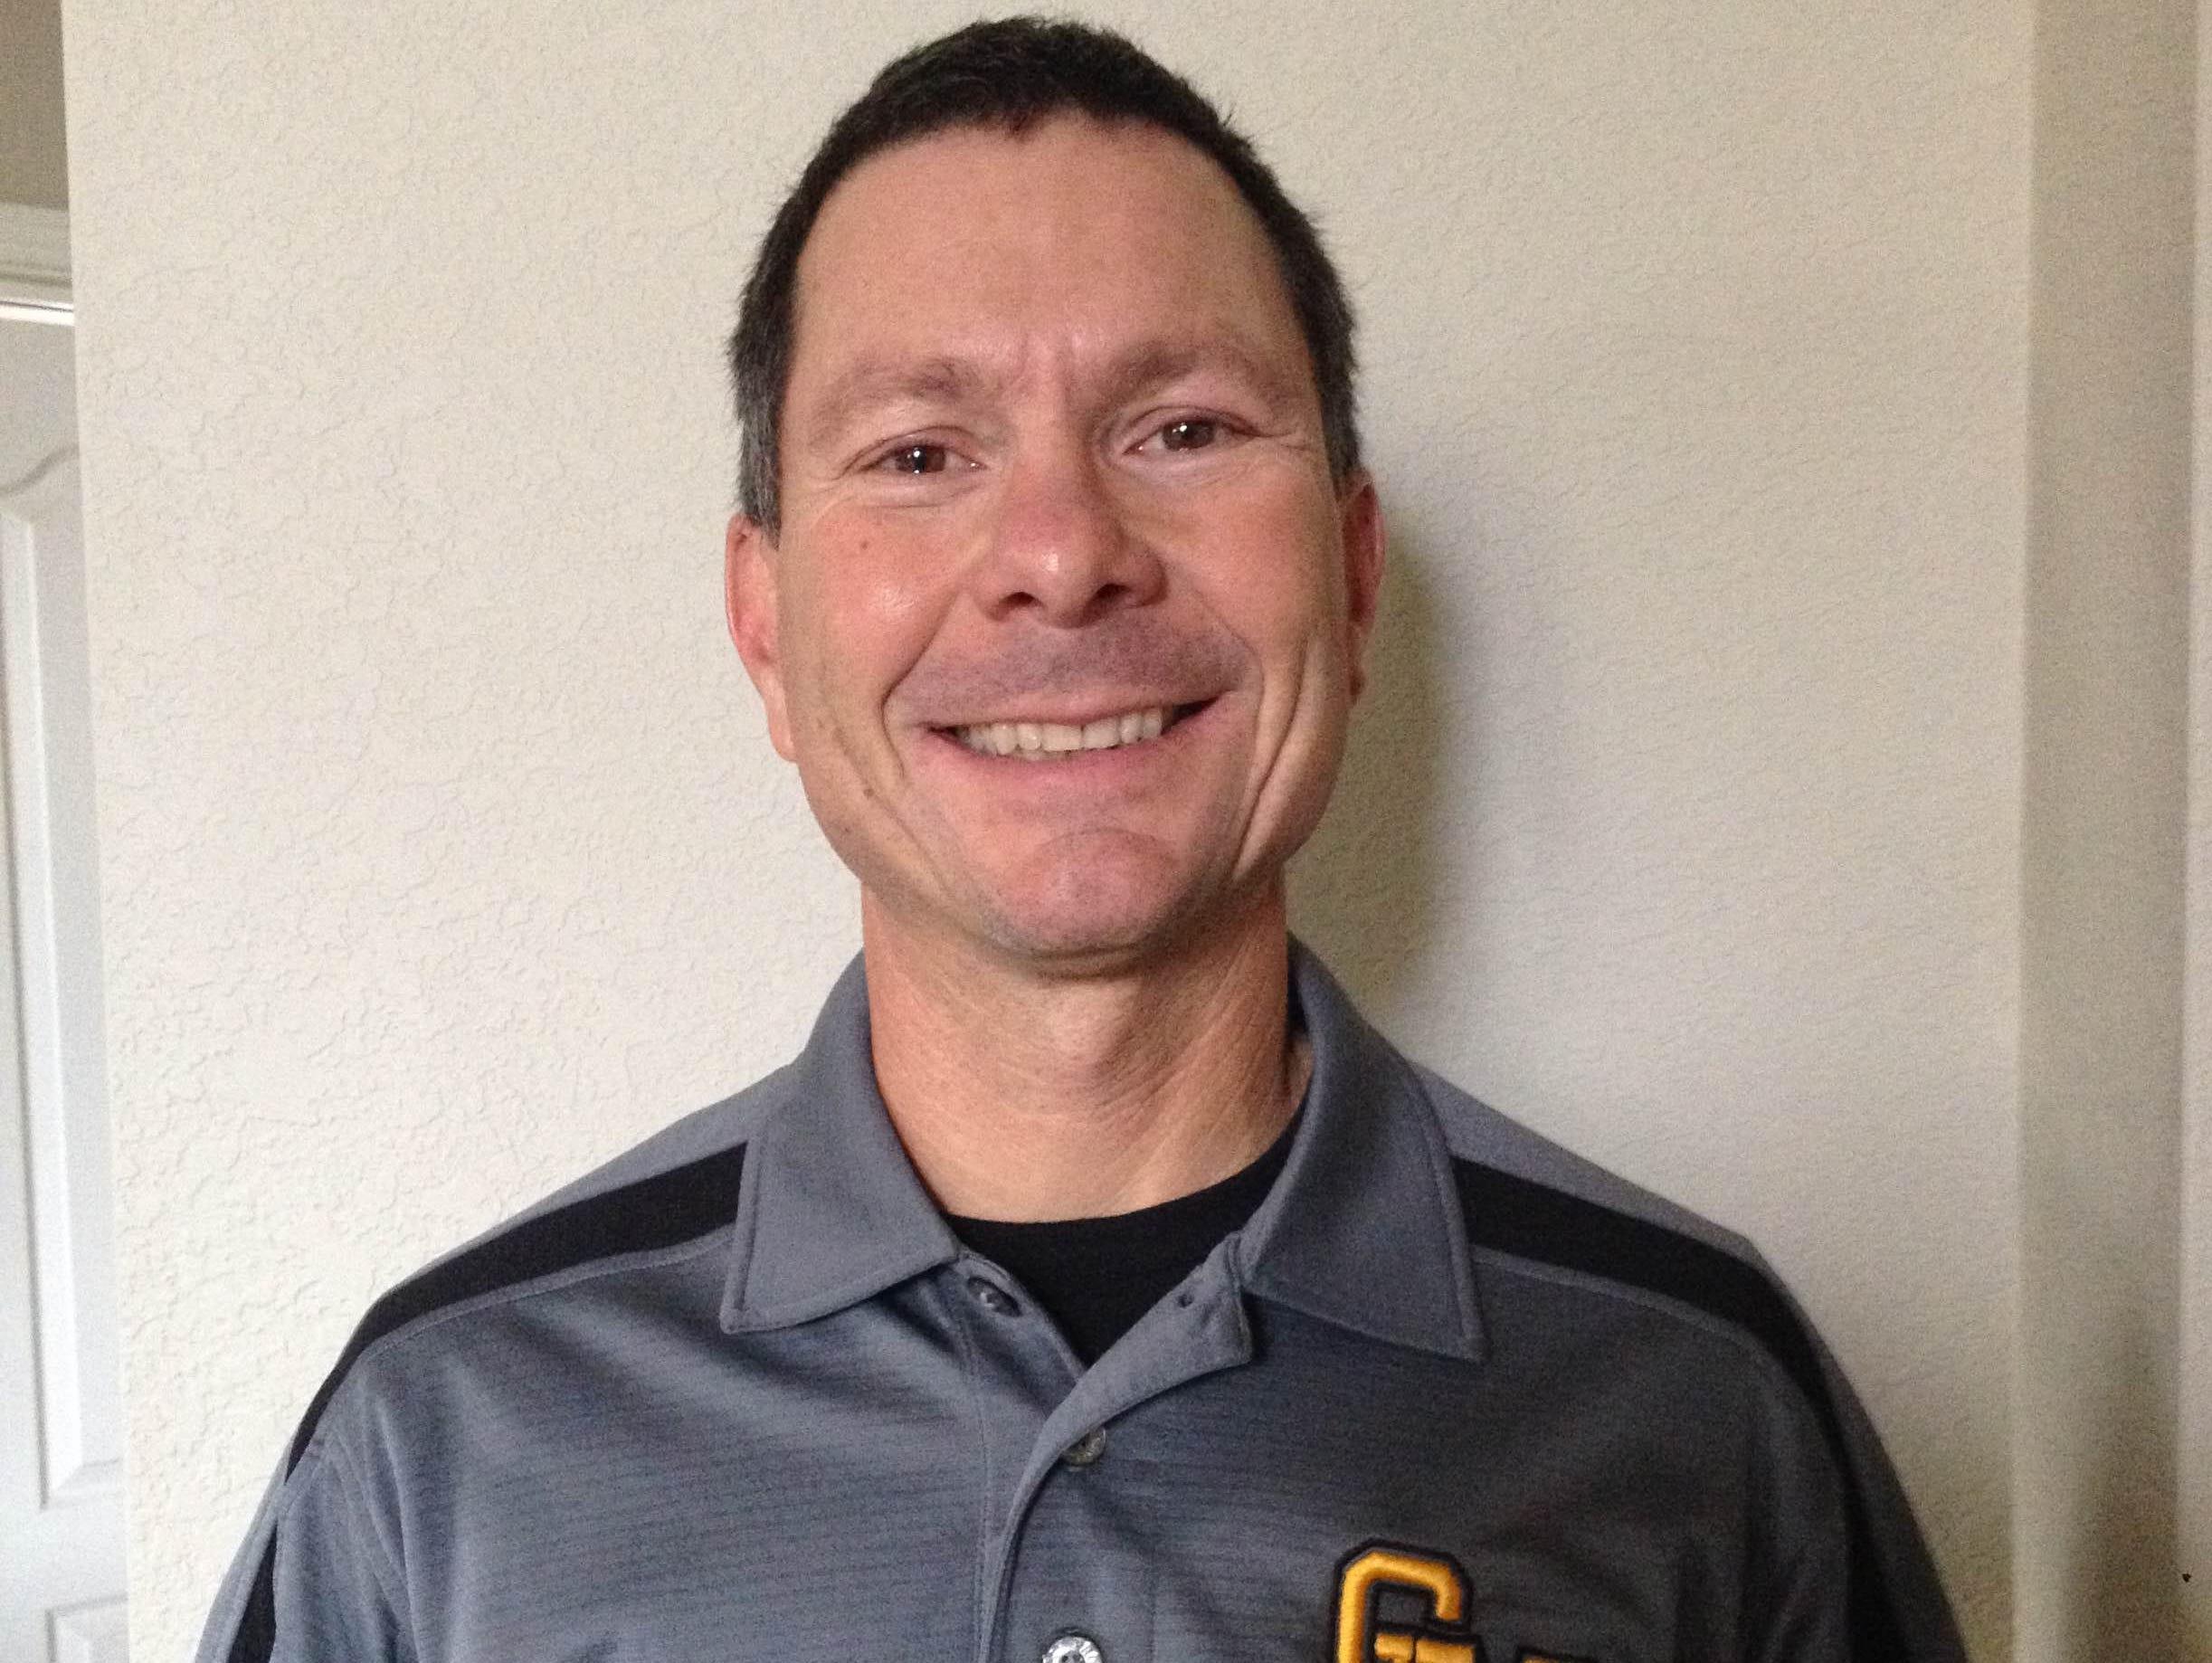 Golden West coach Rick Nordell